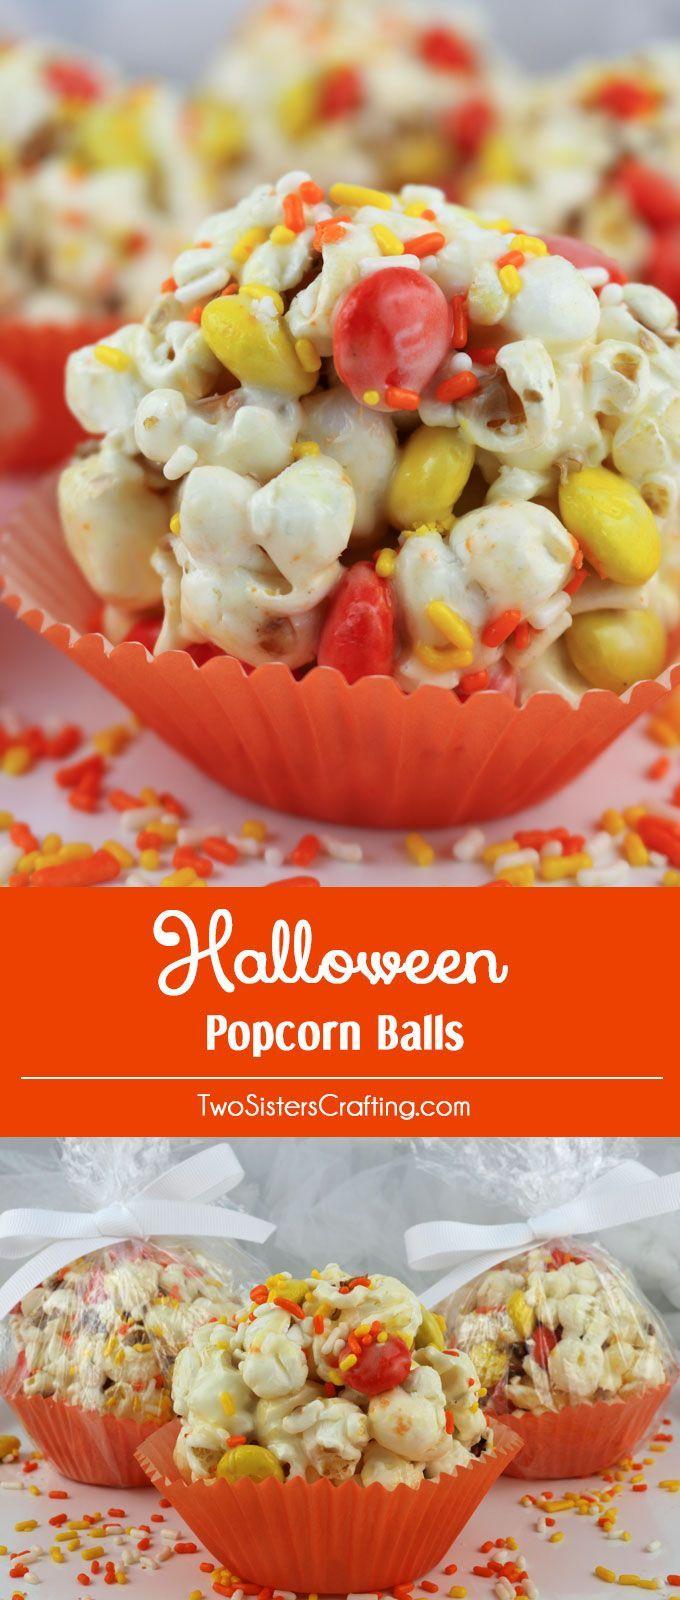 halloween popcorn balls - Great Halloween Appetizers